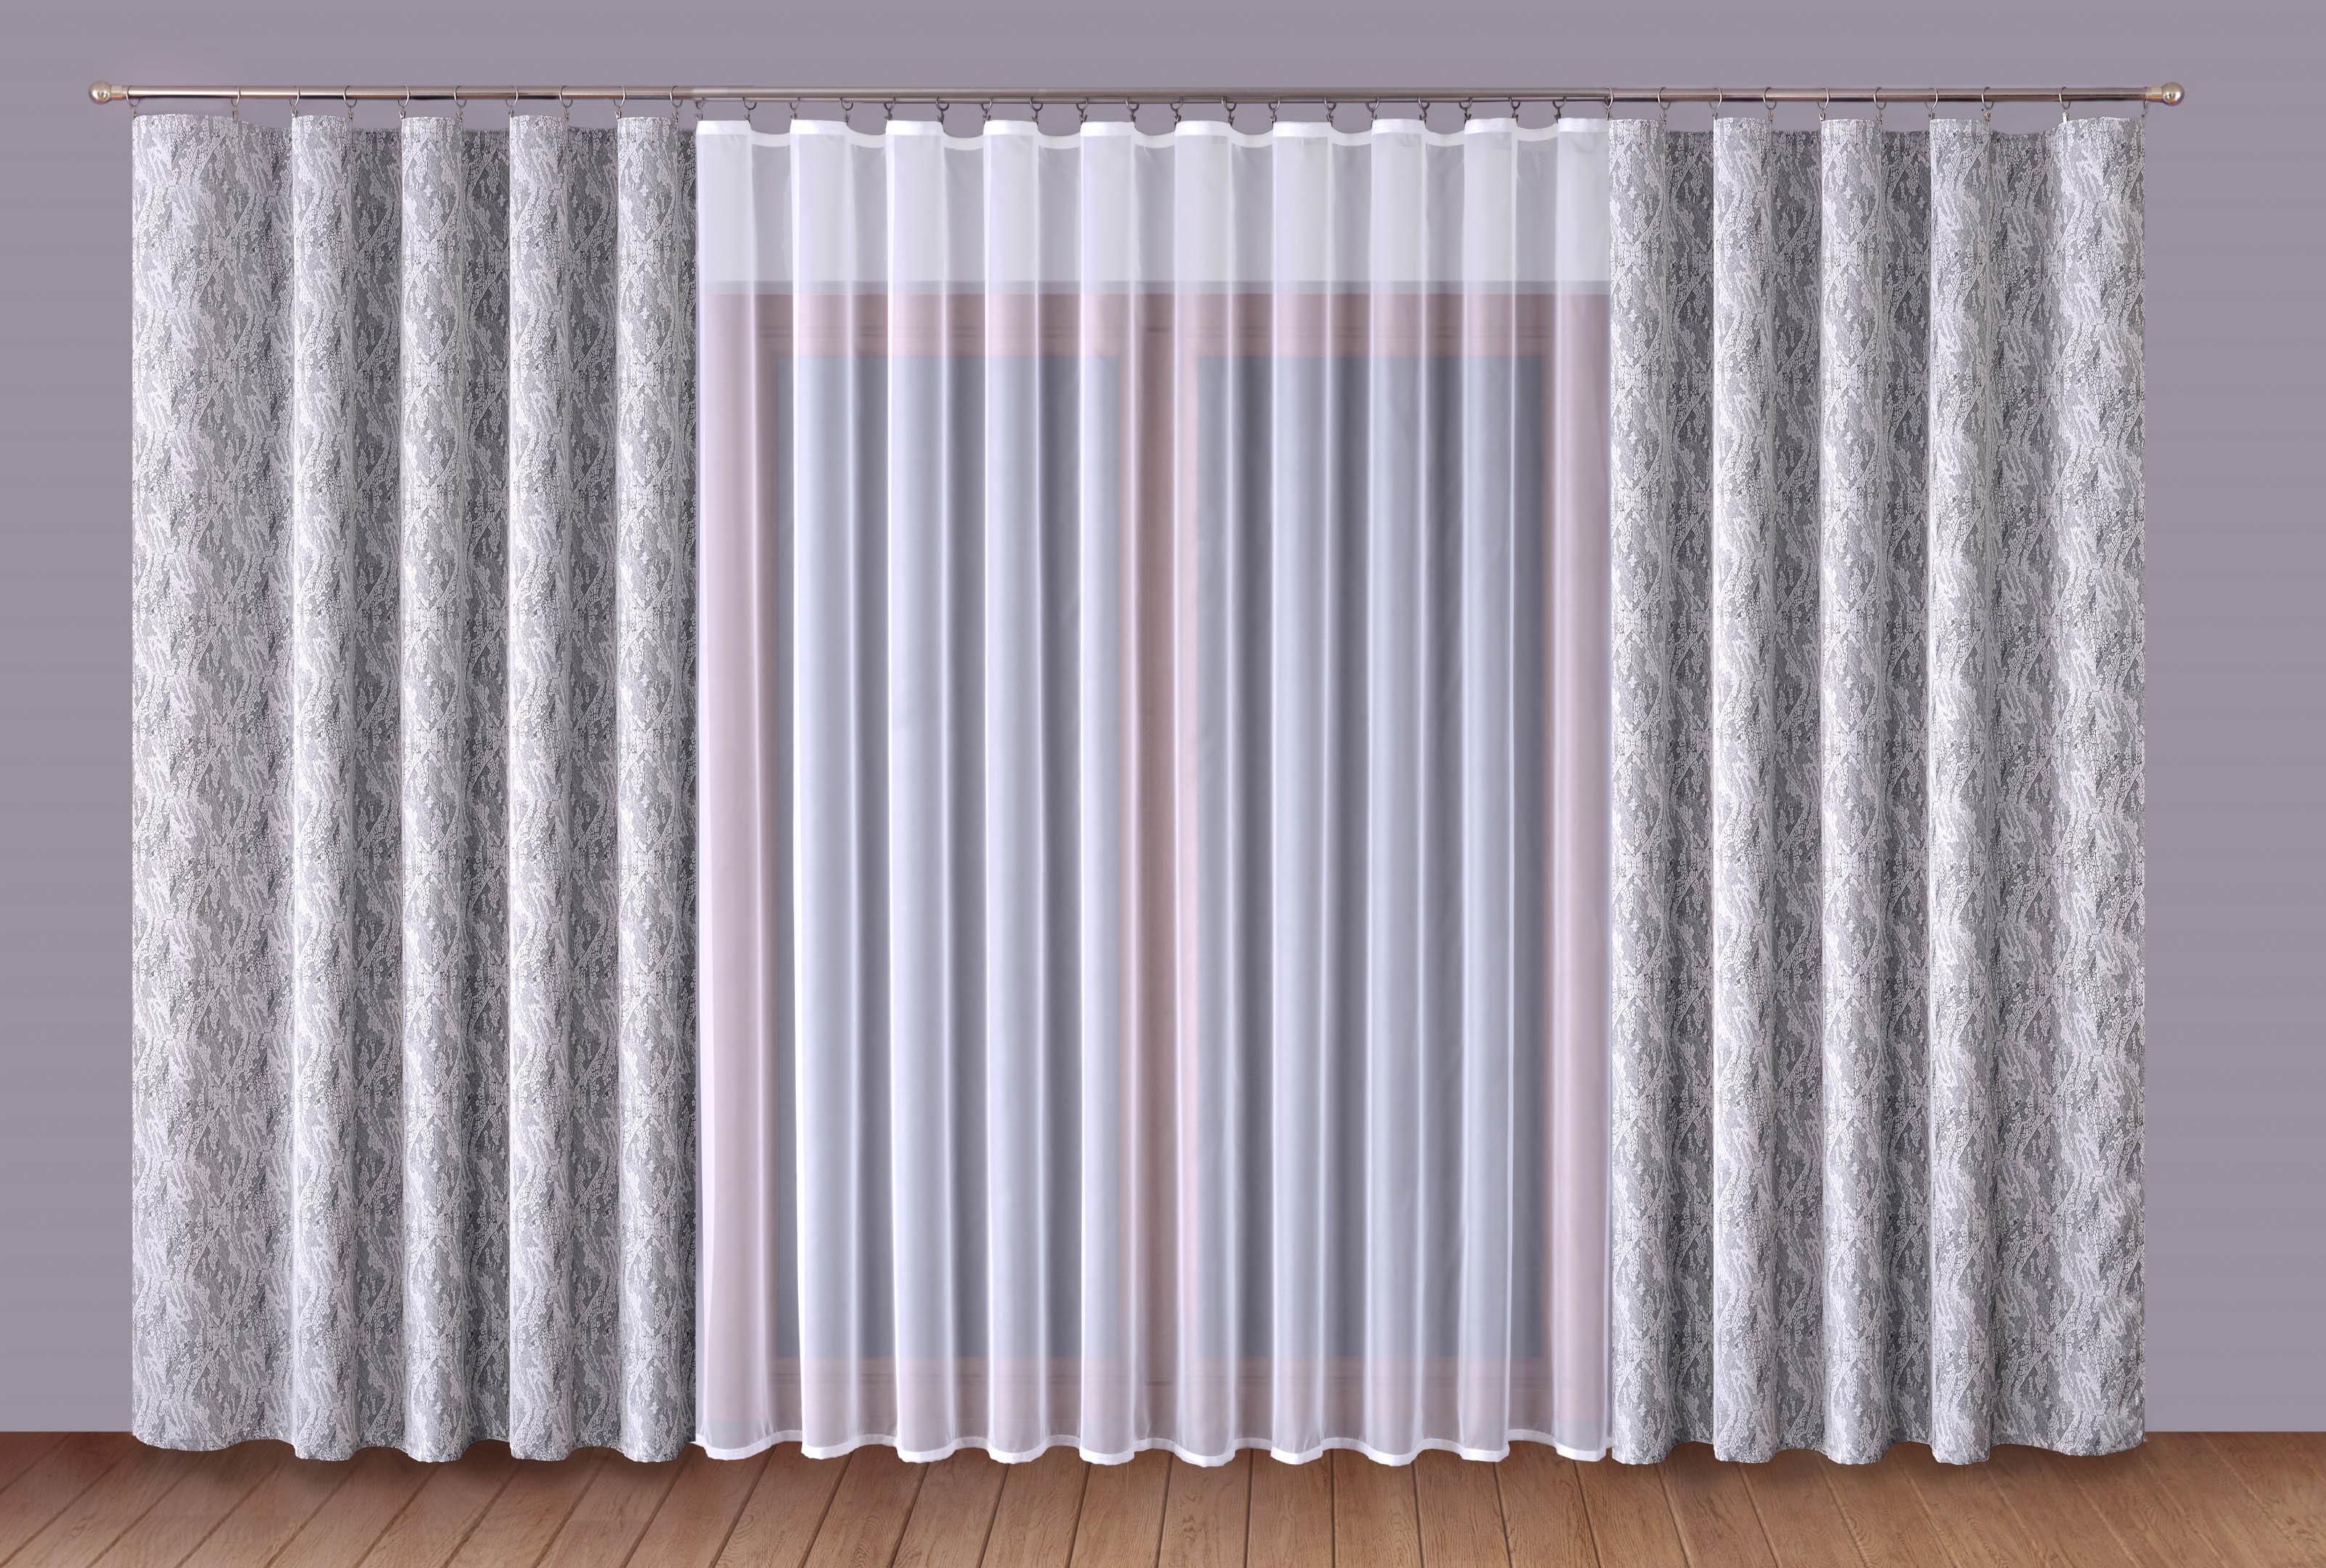 Шторы Primavera Классические шторы Carrol Цвет: Серый-Белый шторы primavera классические шторы tilly цвет серый